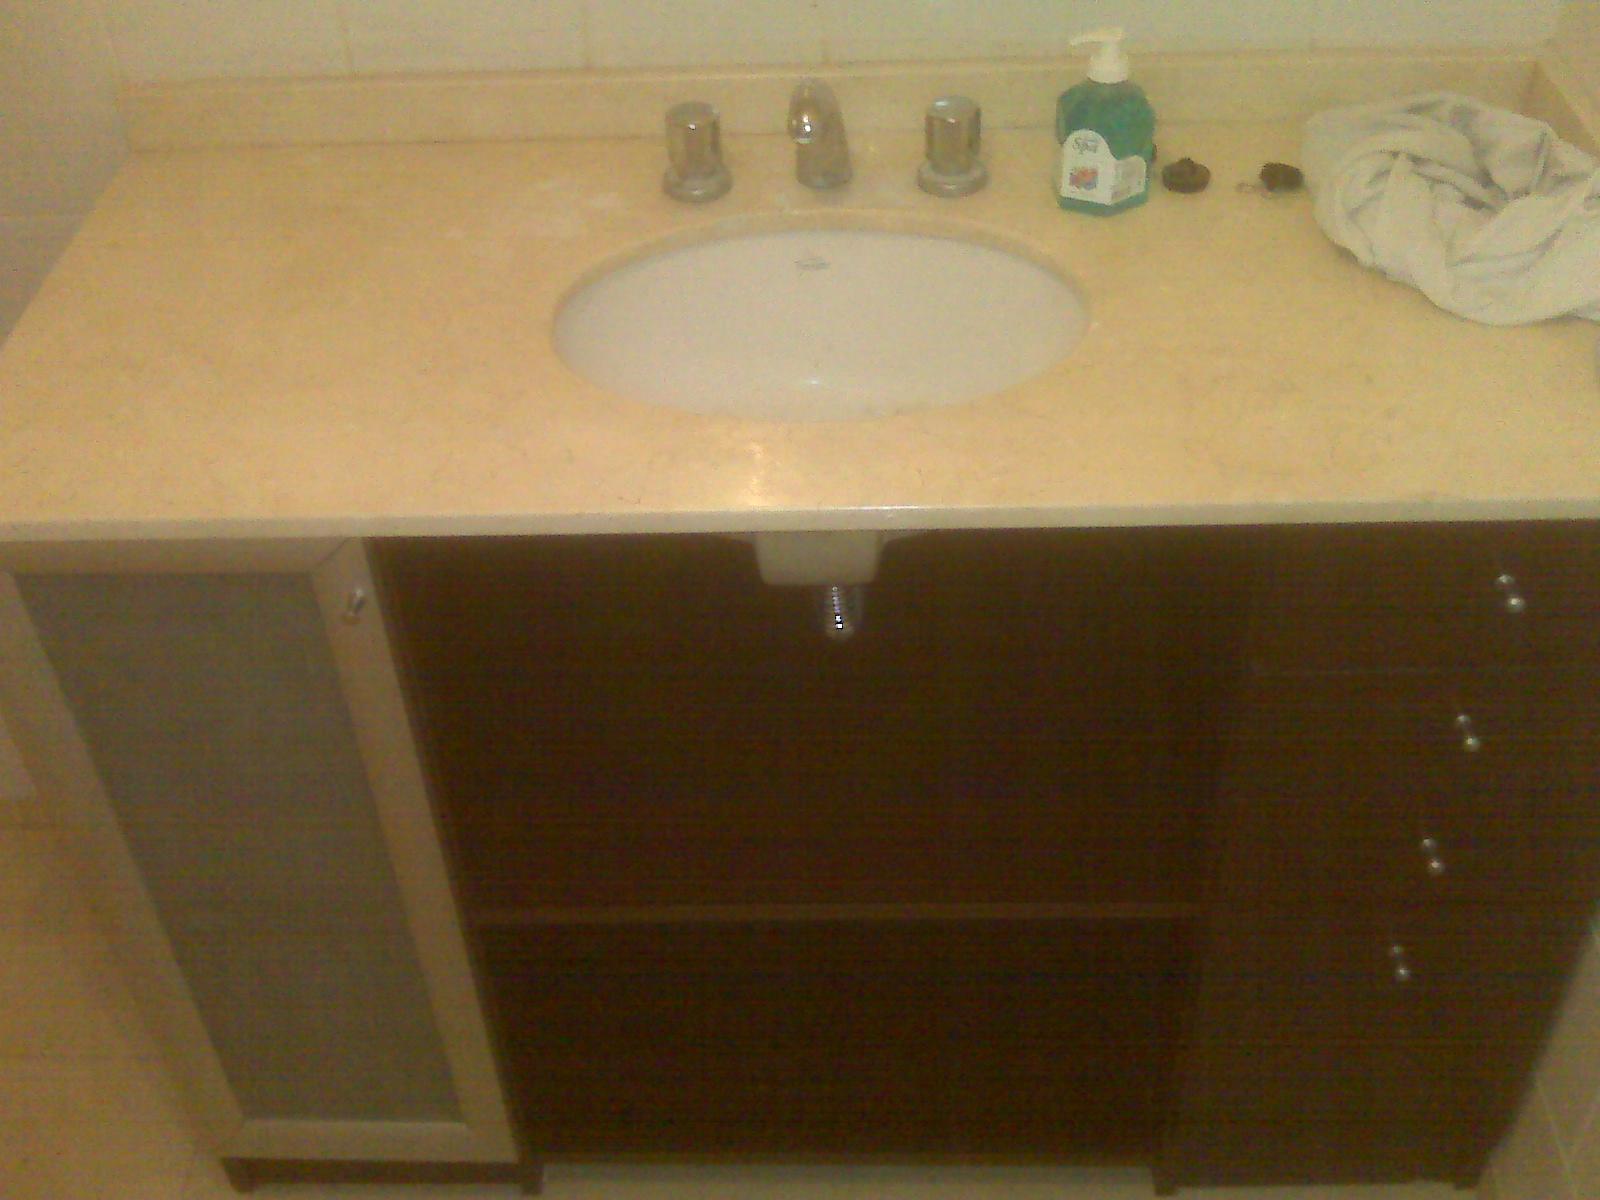 Muebles de cocina comedor living ba o dormitorio for Accesorios para bano y cocina